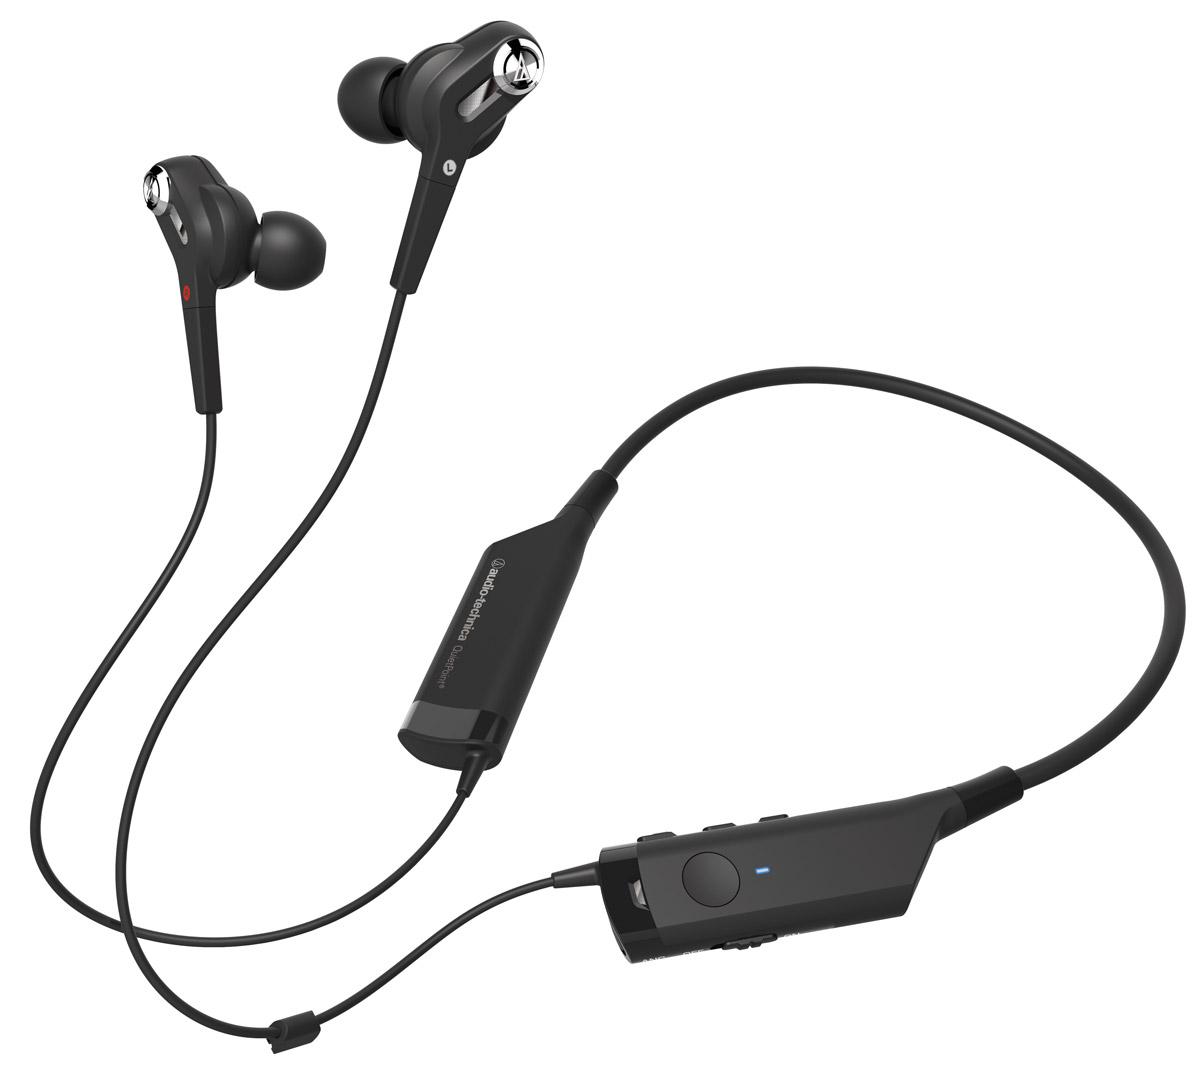 Audio-Technica ATH-ANC40BT наушники4961310132194Audio-Technica ATH-ANC40BT - это Bluetooth-гарнитура с вставными наушниками, обеспечивающая великолепное качество звука и отличное шумоподавление. Модель отличается уникальным дизайном и удобной посадкой благодаря шейному креплению. Наслаждайтесь музыкой при любом, даже самом активном, образе жизни! Пульт управления, которым оснащена гарнитура, позволяет принимать звонки, завершать разговор, регулировать громкость и перелистывать треки на вашем смартфоне или портативном аудиоустройстве. Уникальная беспроводная Bluetooth-гарнитура Качественное звучание Удобное шейное крепление До 90% активного шумоподавления Пульт управления, позволяющий отвечать на звонки и управлять музыкой Возможность воспроизведения музыки после полной разрядки гарнитуры